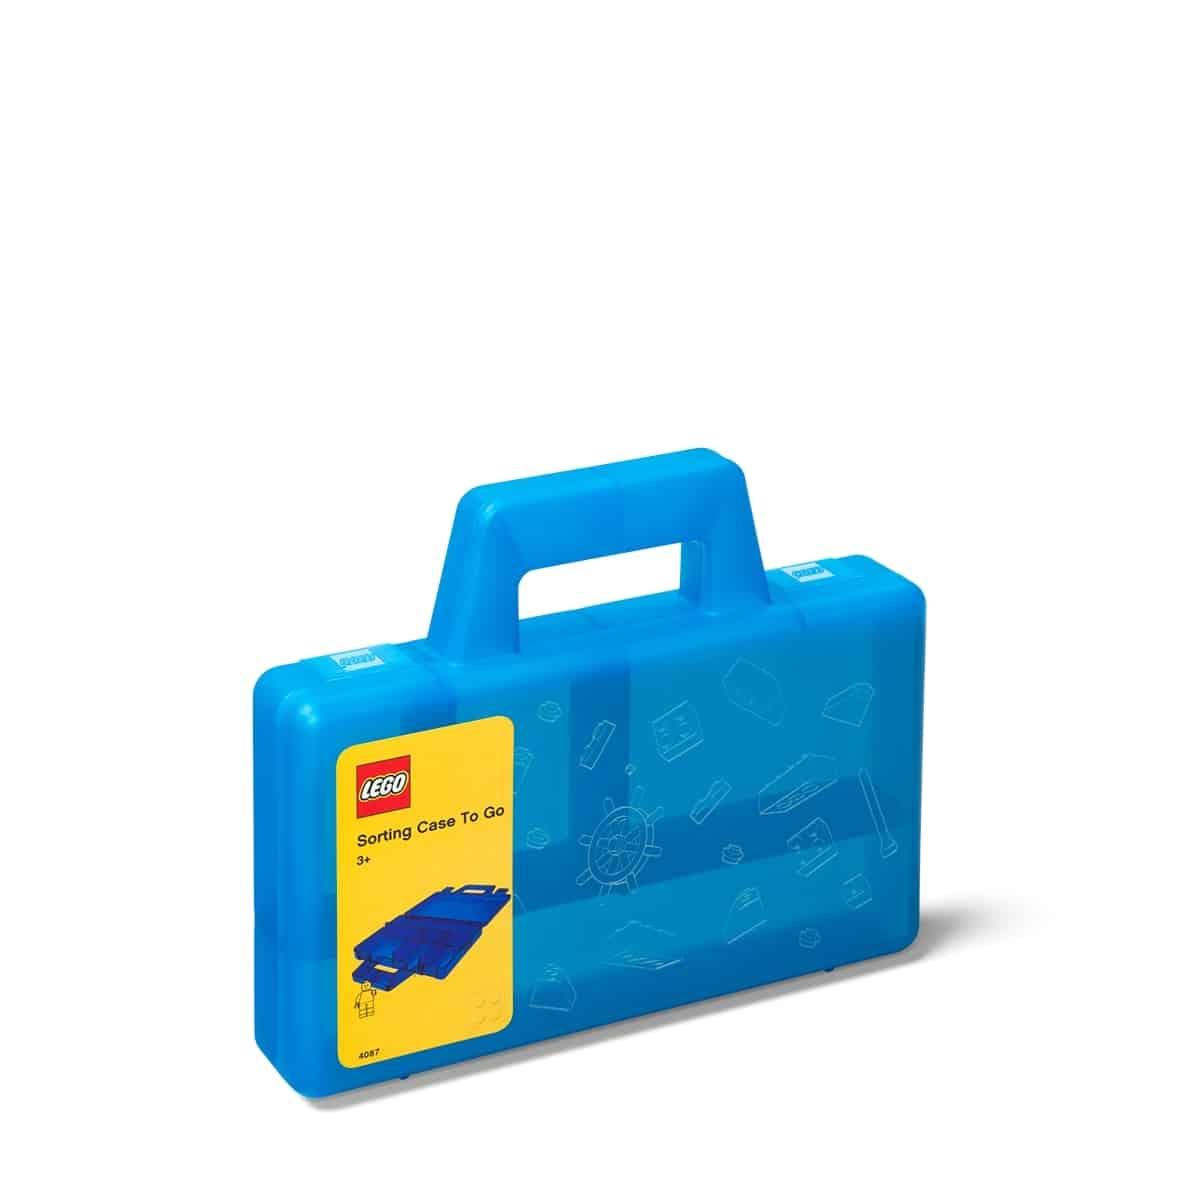 lego 5005890 pruhledny modry tridici kufrik na cesty